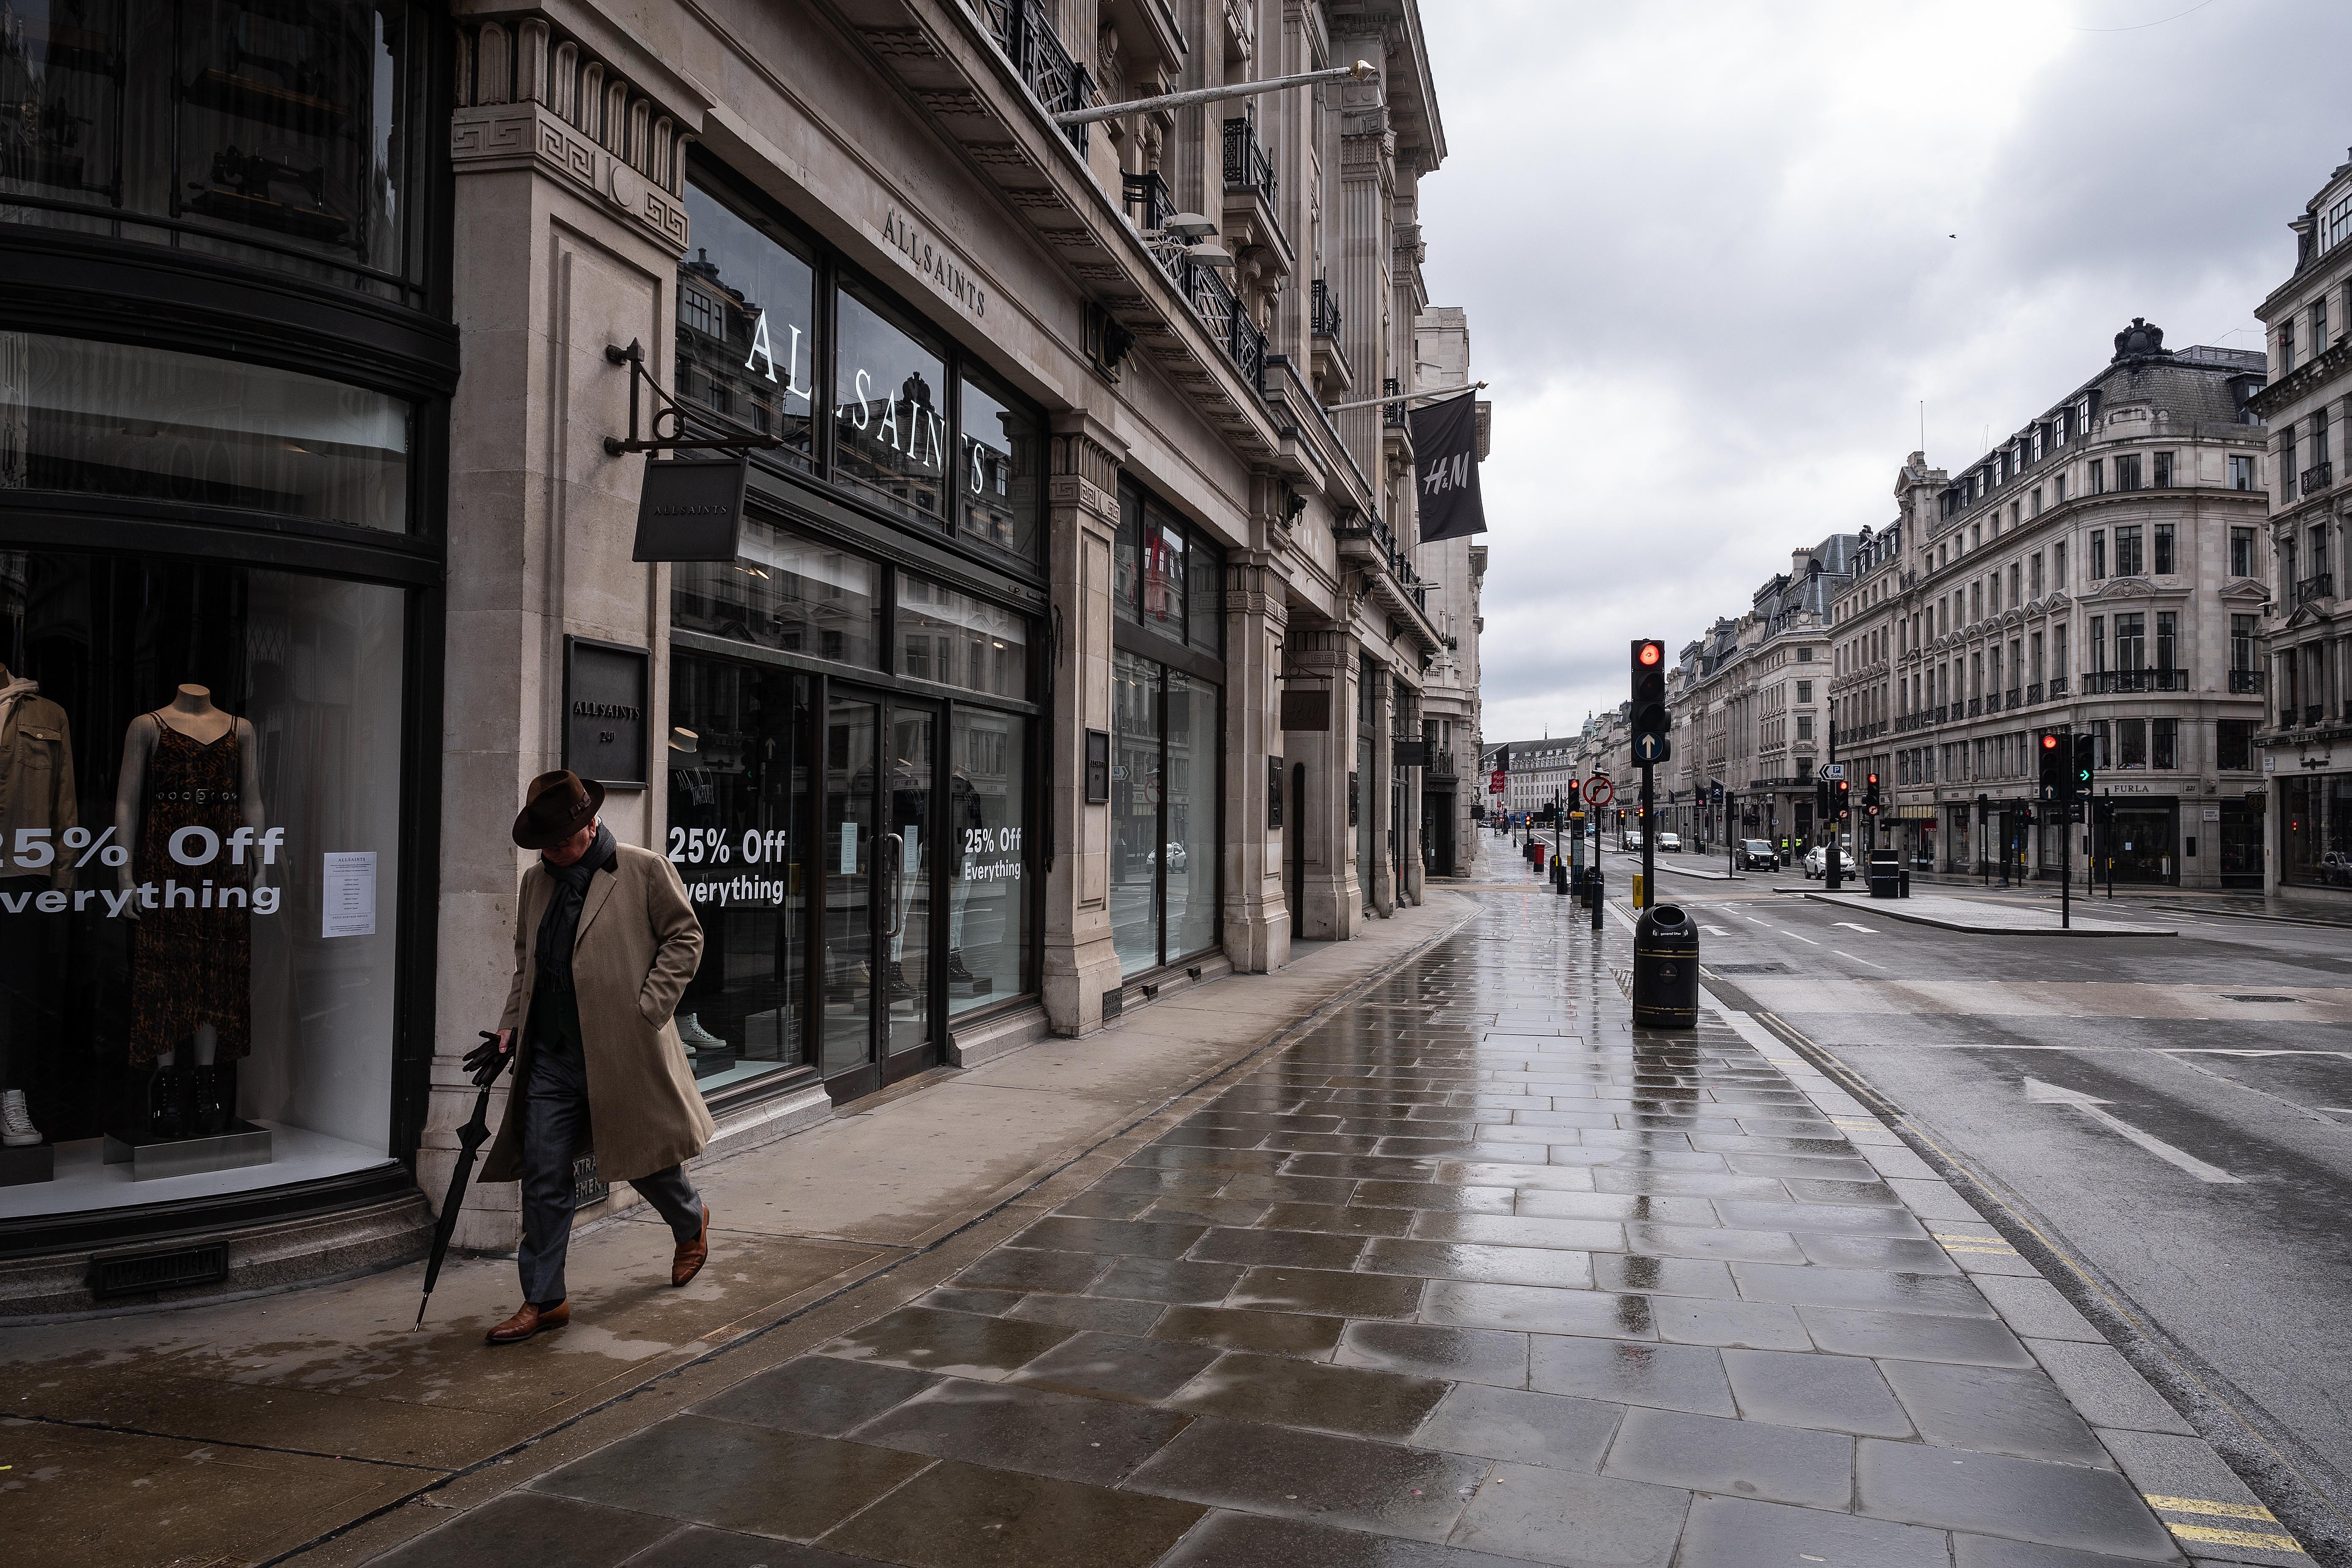 Un bărbat pășeste pe Regent Street din Londra, prin fața magazinelor închise